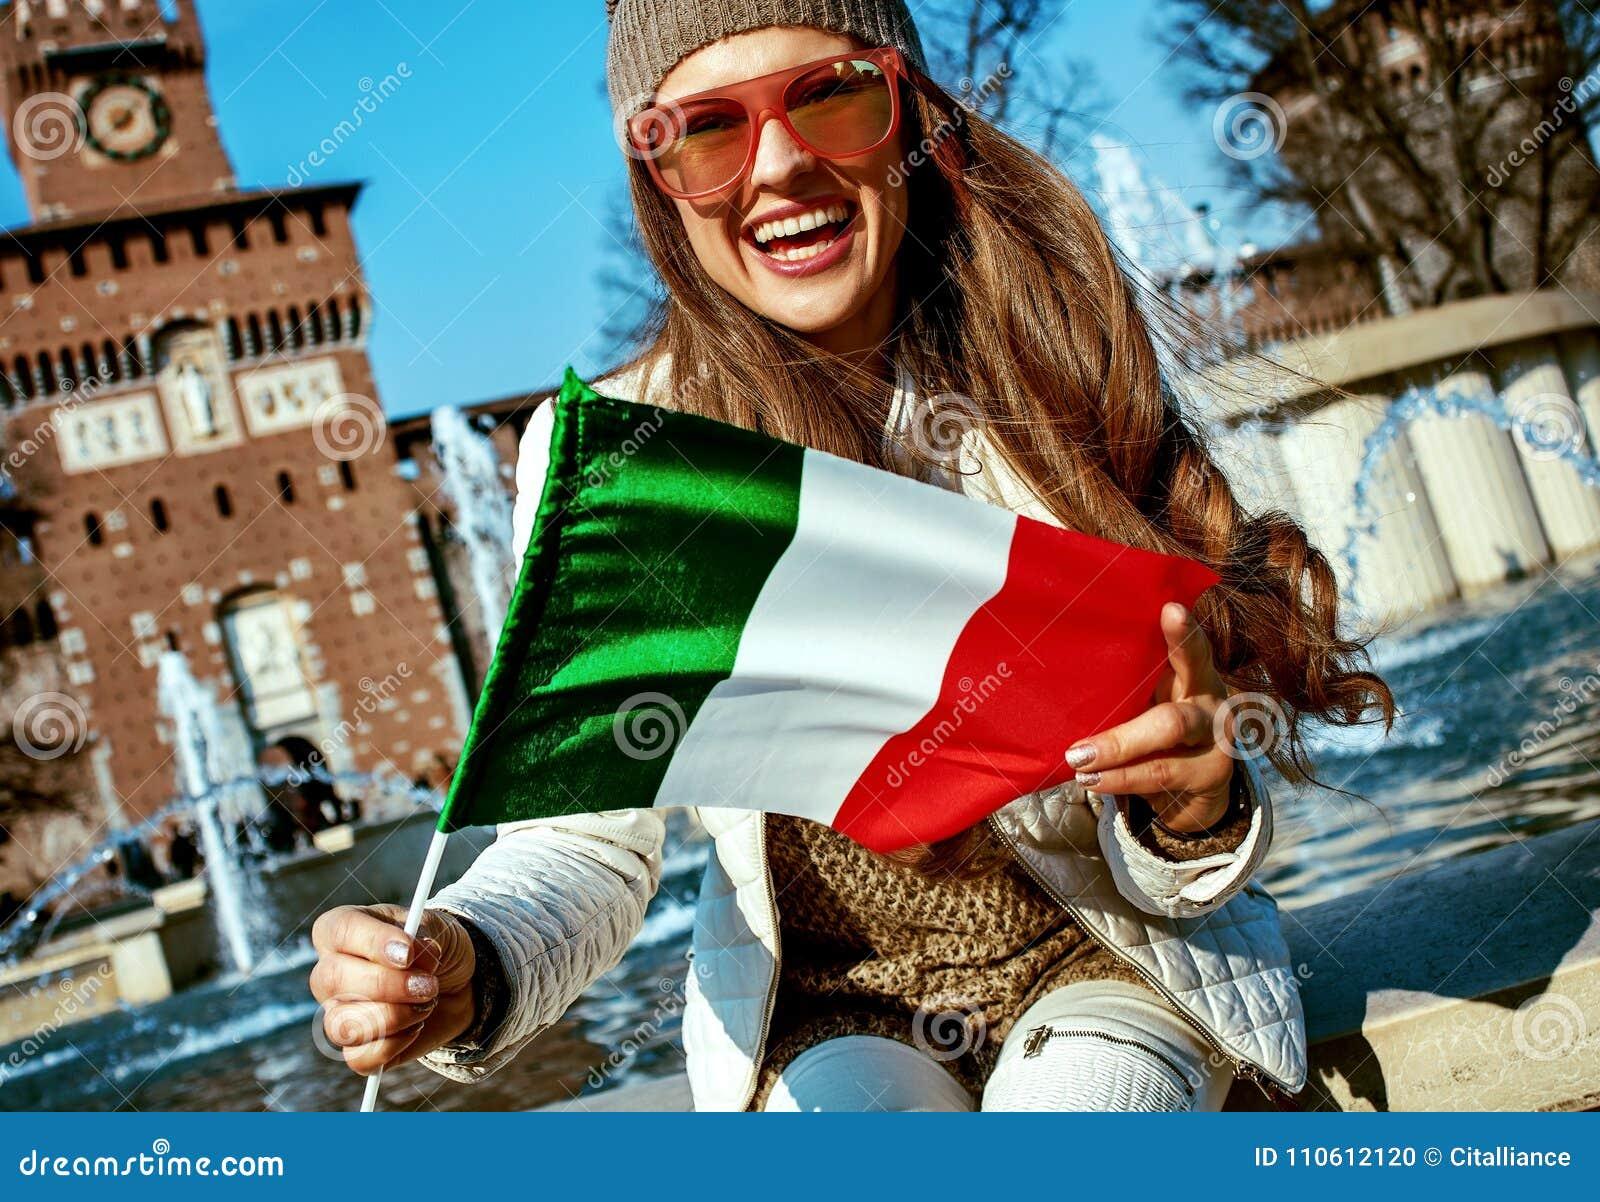 Turystyczna kobieta blisko Sforza kasztelu w Mediolan, Włochy seansu flaga